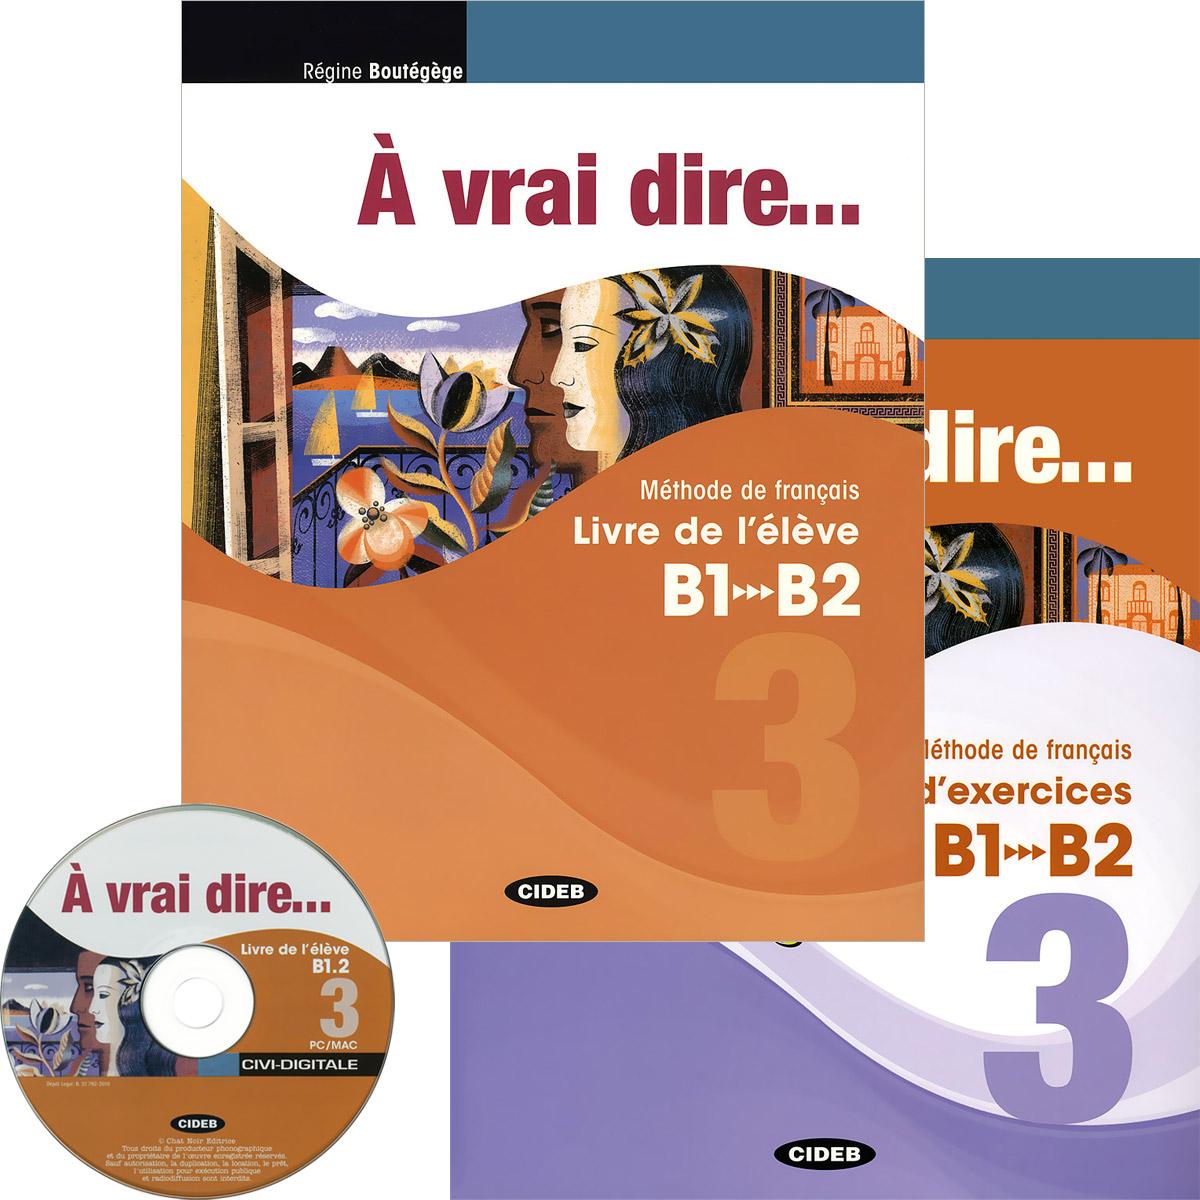 A Vrai Dire 3 (B1-B2): Methode de Francais: Livre de l'eleve: Cahier d'exercices (комлект из 2 книг + CD, CD-ROM) trait d union 2 methode de francais pour migrants insertion professionnelle cd